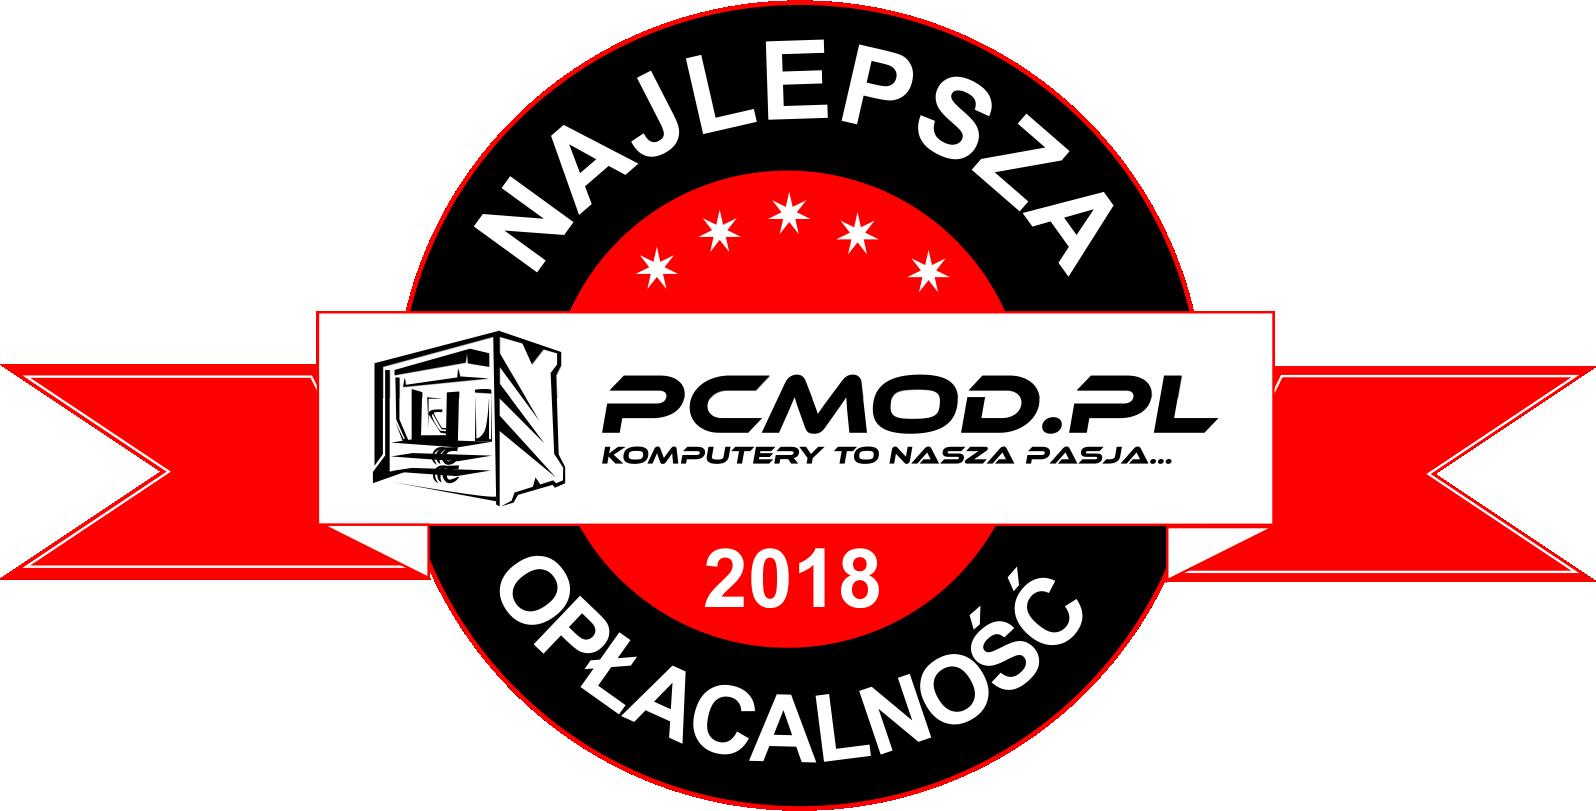 PcMod.pl - nagroda, najlepsza opłacalność